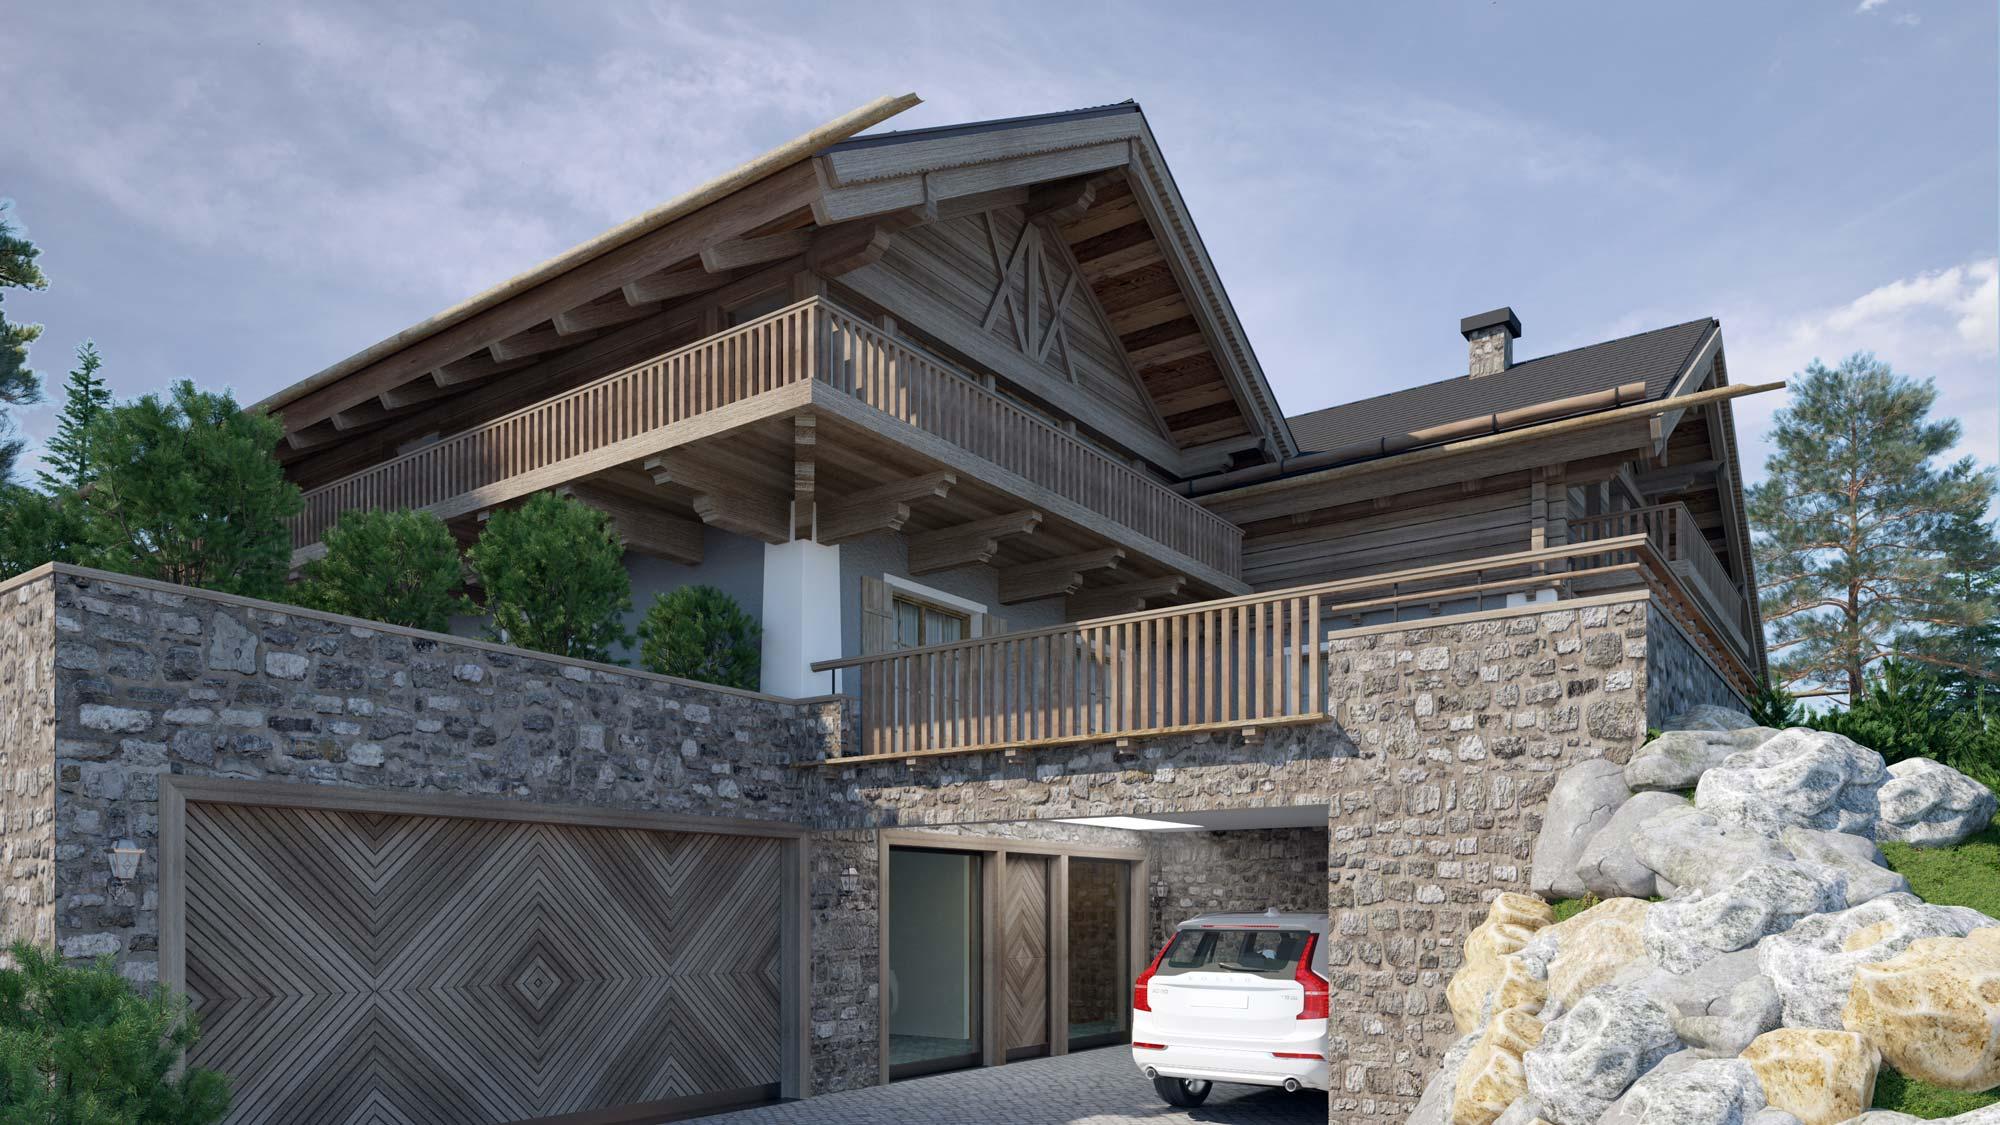 3dkad-3D-Visualisierung-Holzbau-Wohnungsbau-Icking-Einfamilienhaus